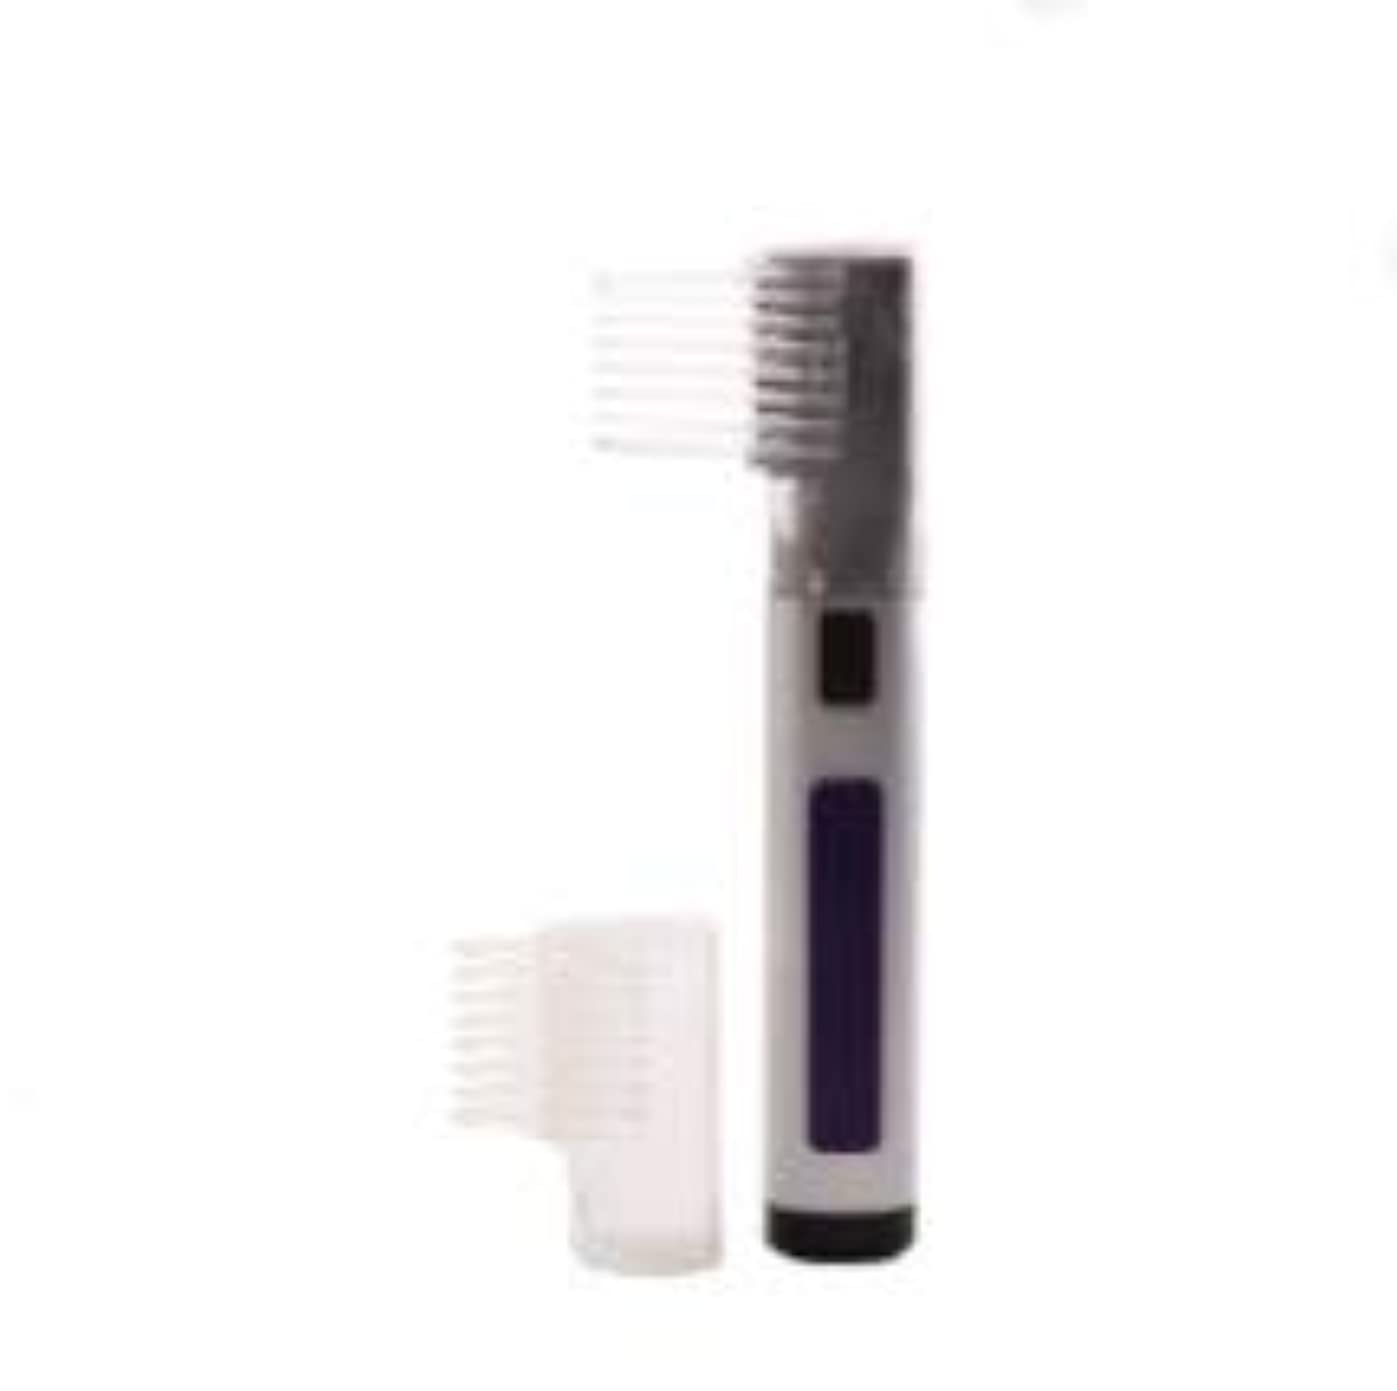 病気気になる確認してください通販大ヒット お得な2個セット セルフカット散髪 ヘアトリマー 簡単整髪